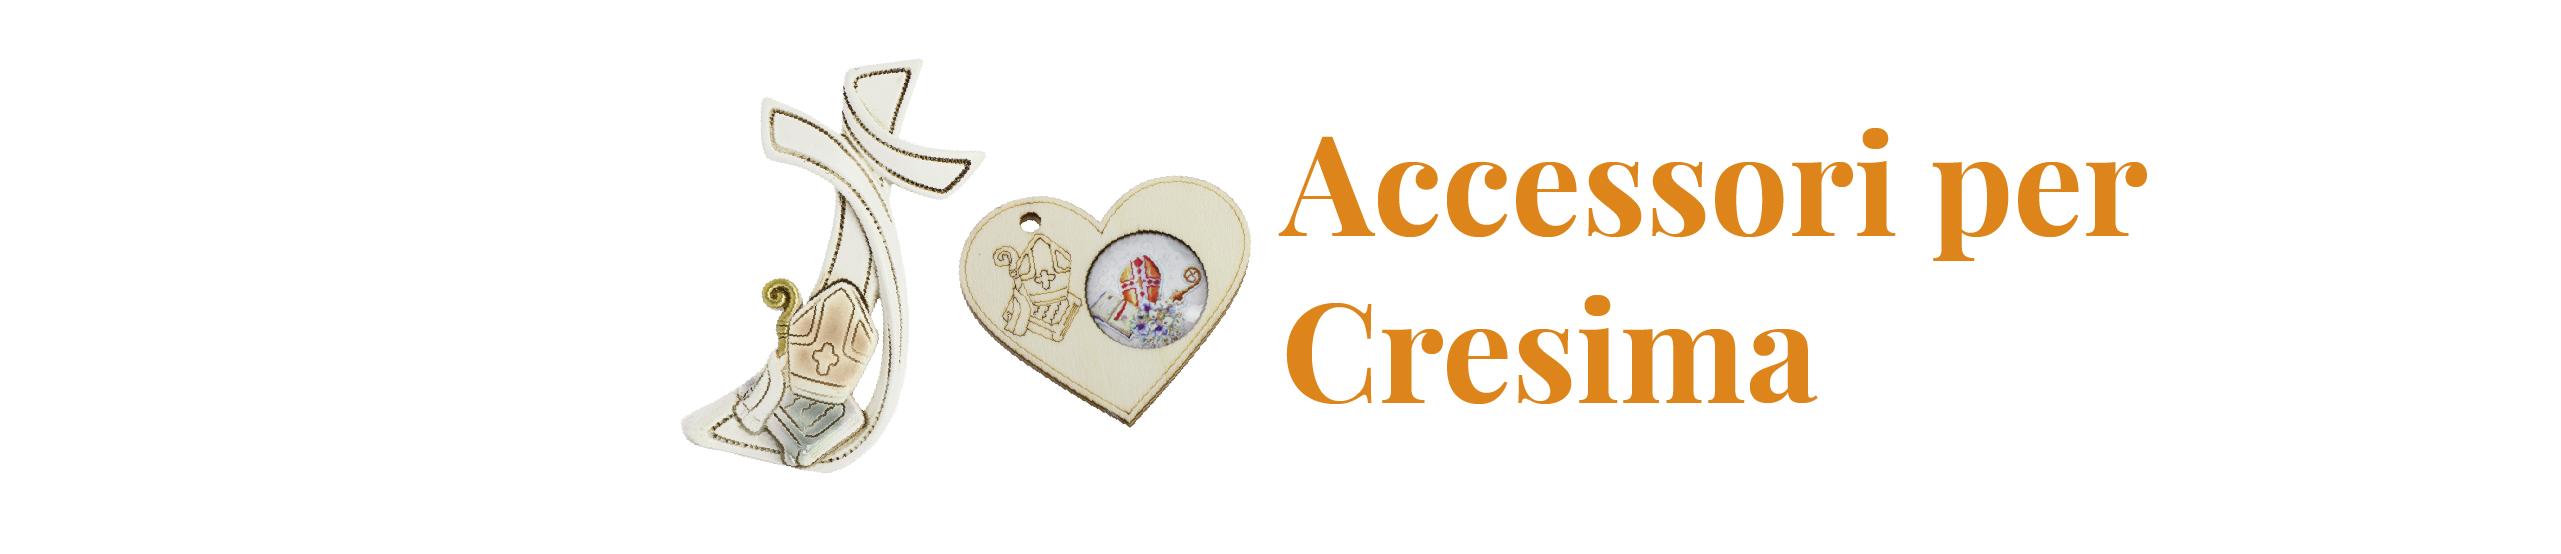 Accessori per cresima